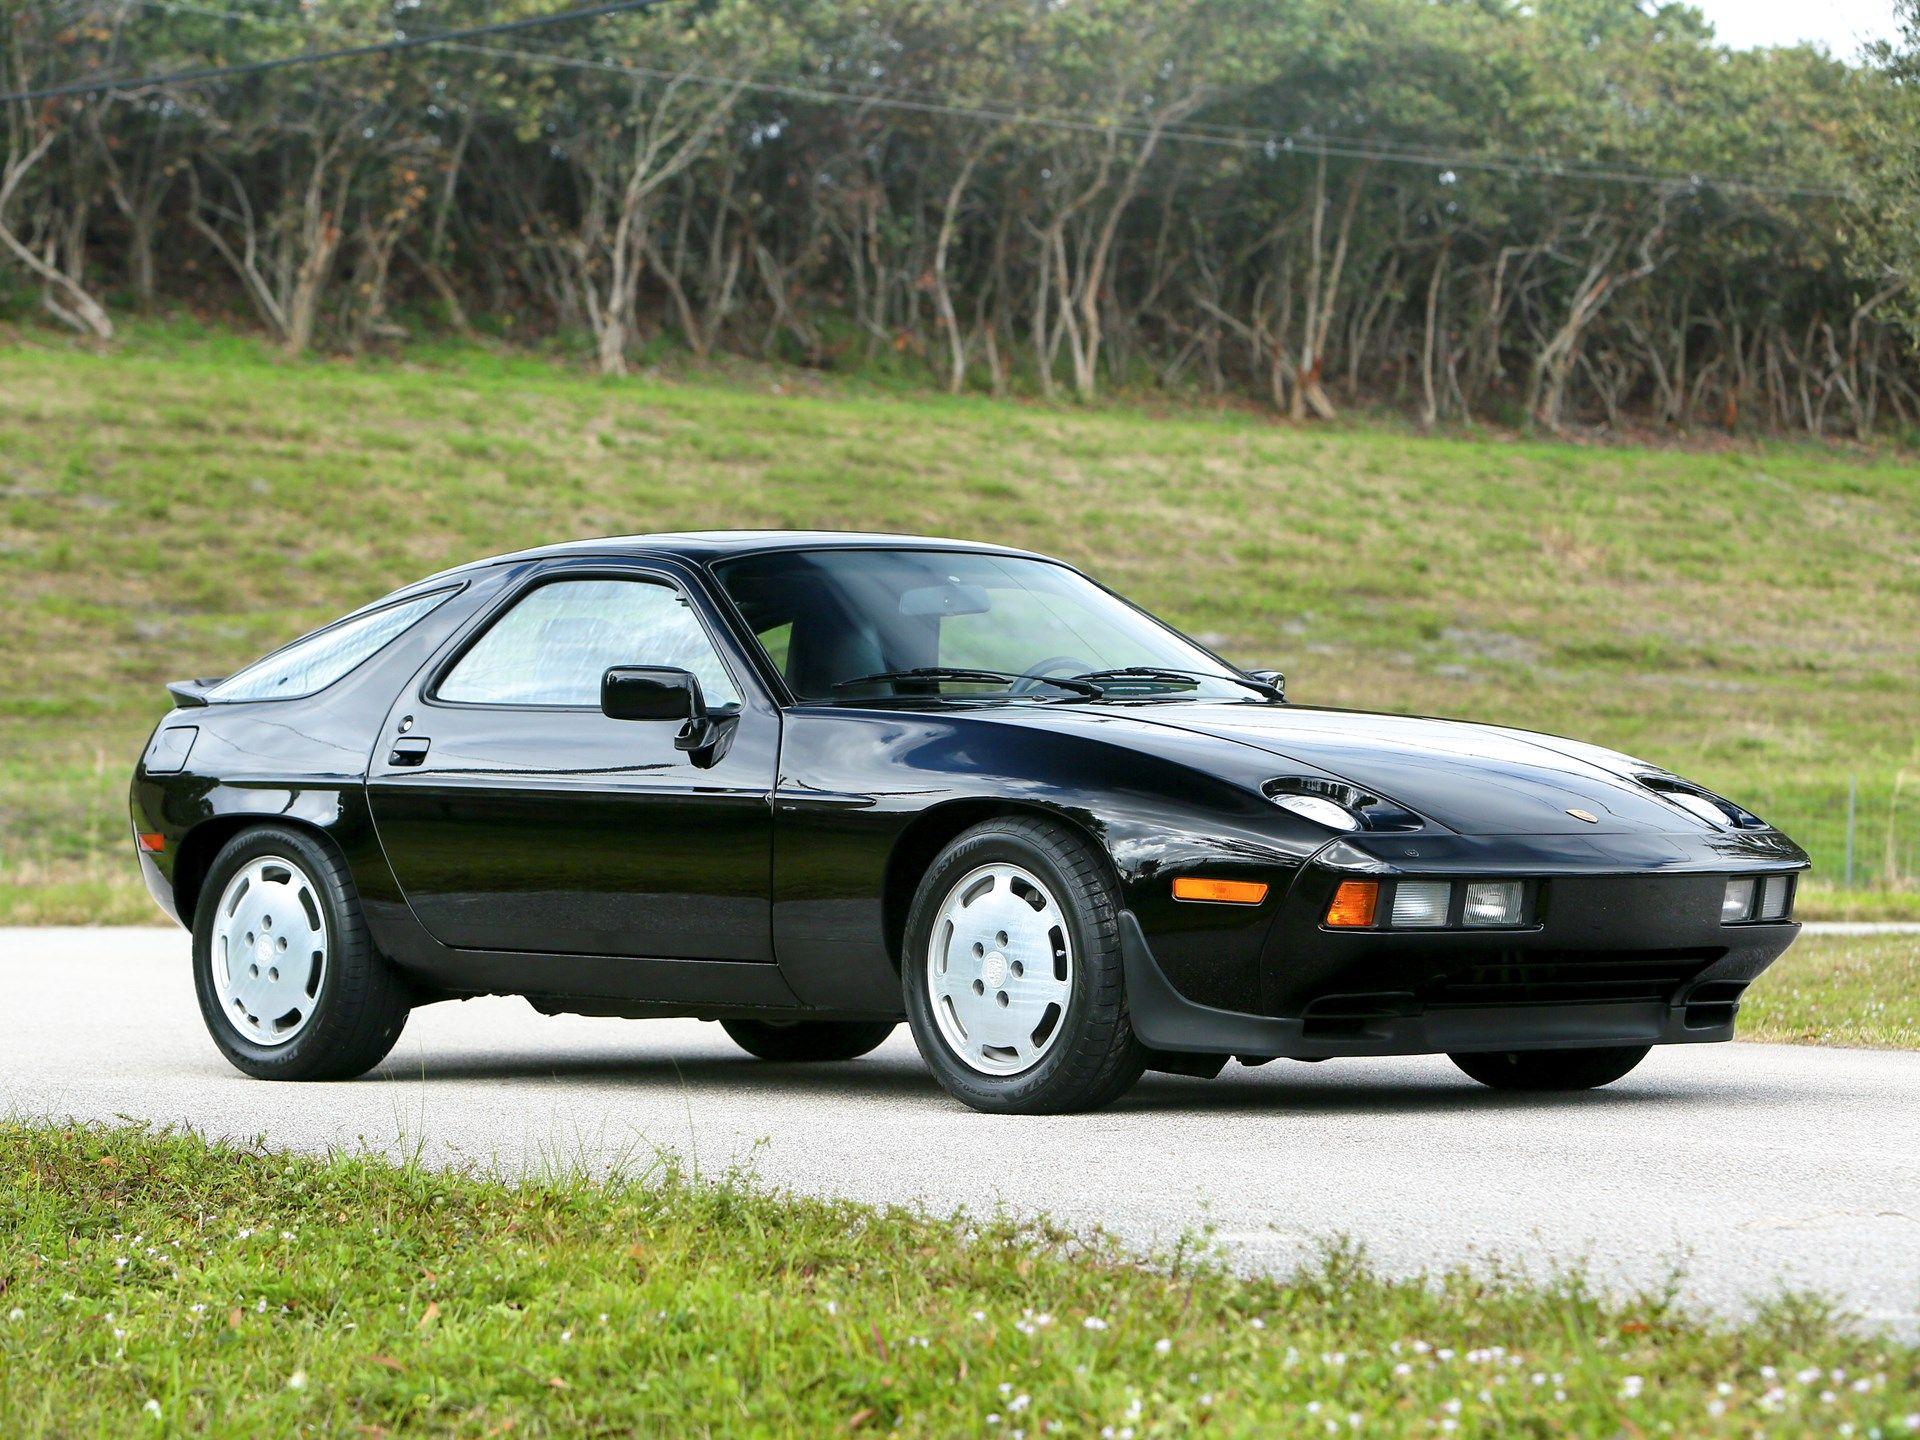 Rm Sotheby S 1986 Porsche 928 S Online Only Palm Beach 2020 In 2020 Porsche 928 Porsche Supercars Concept